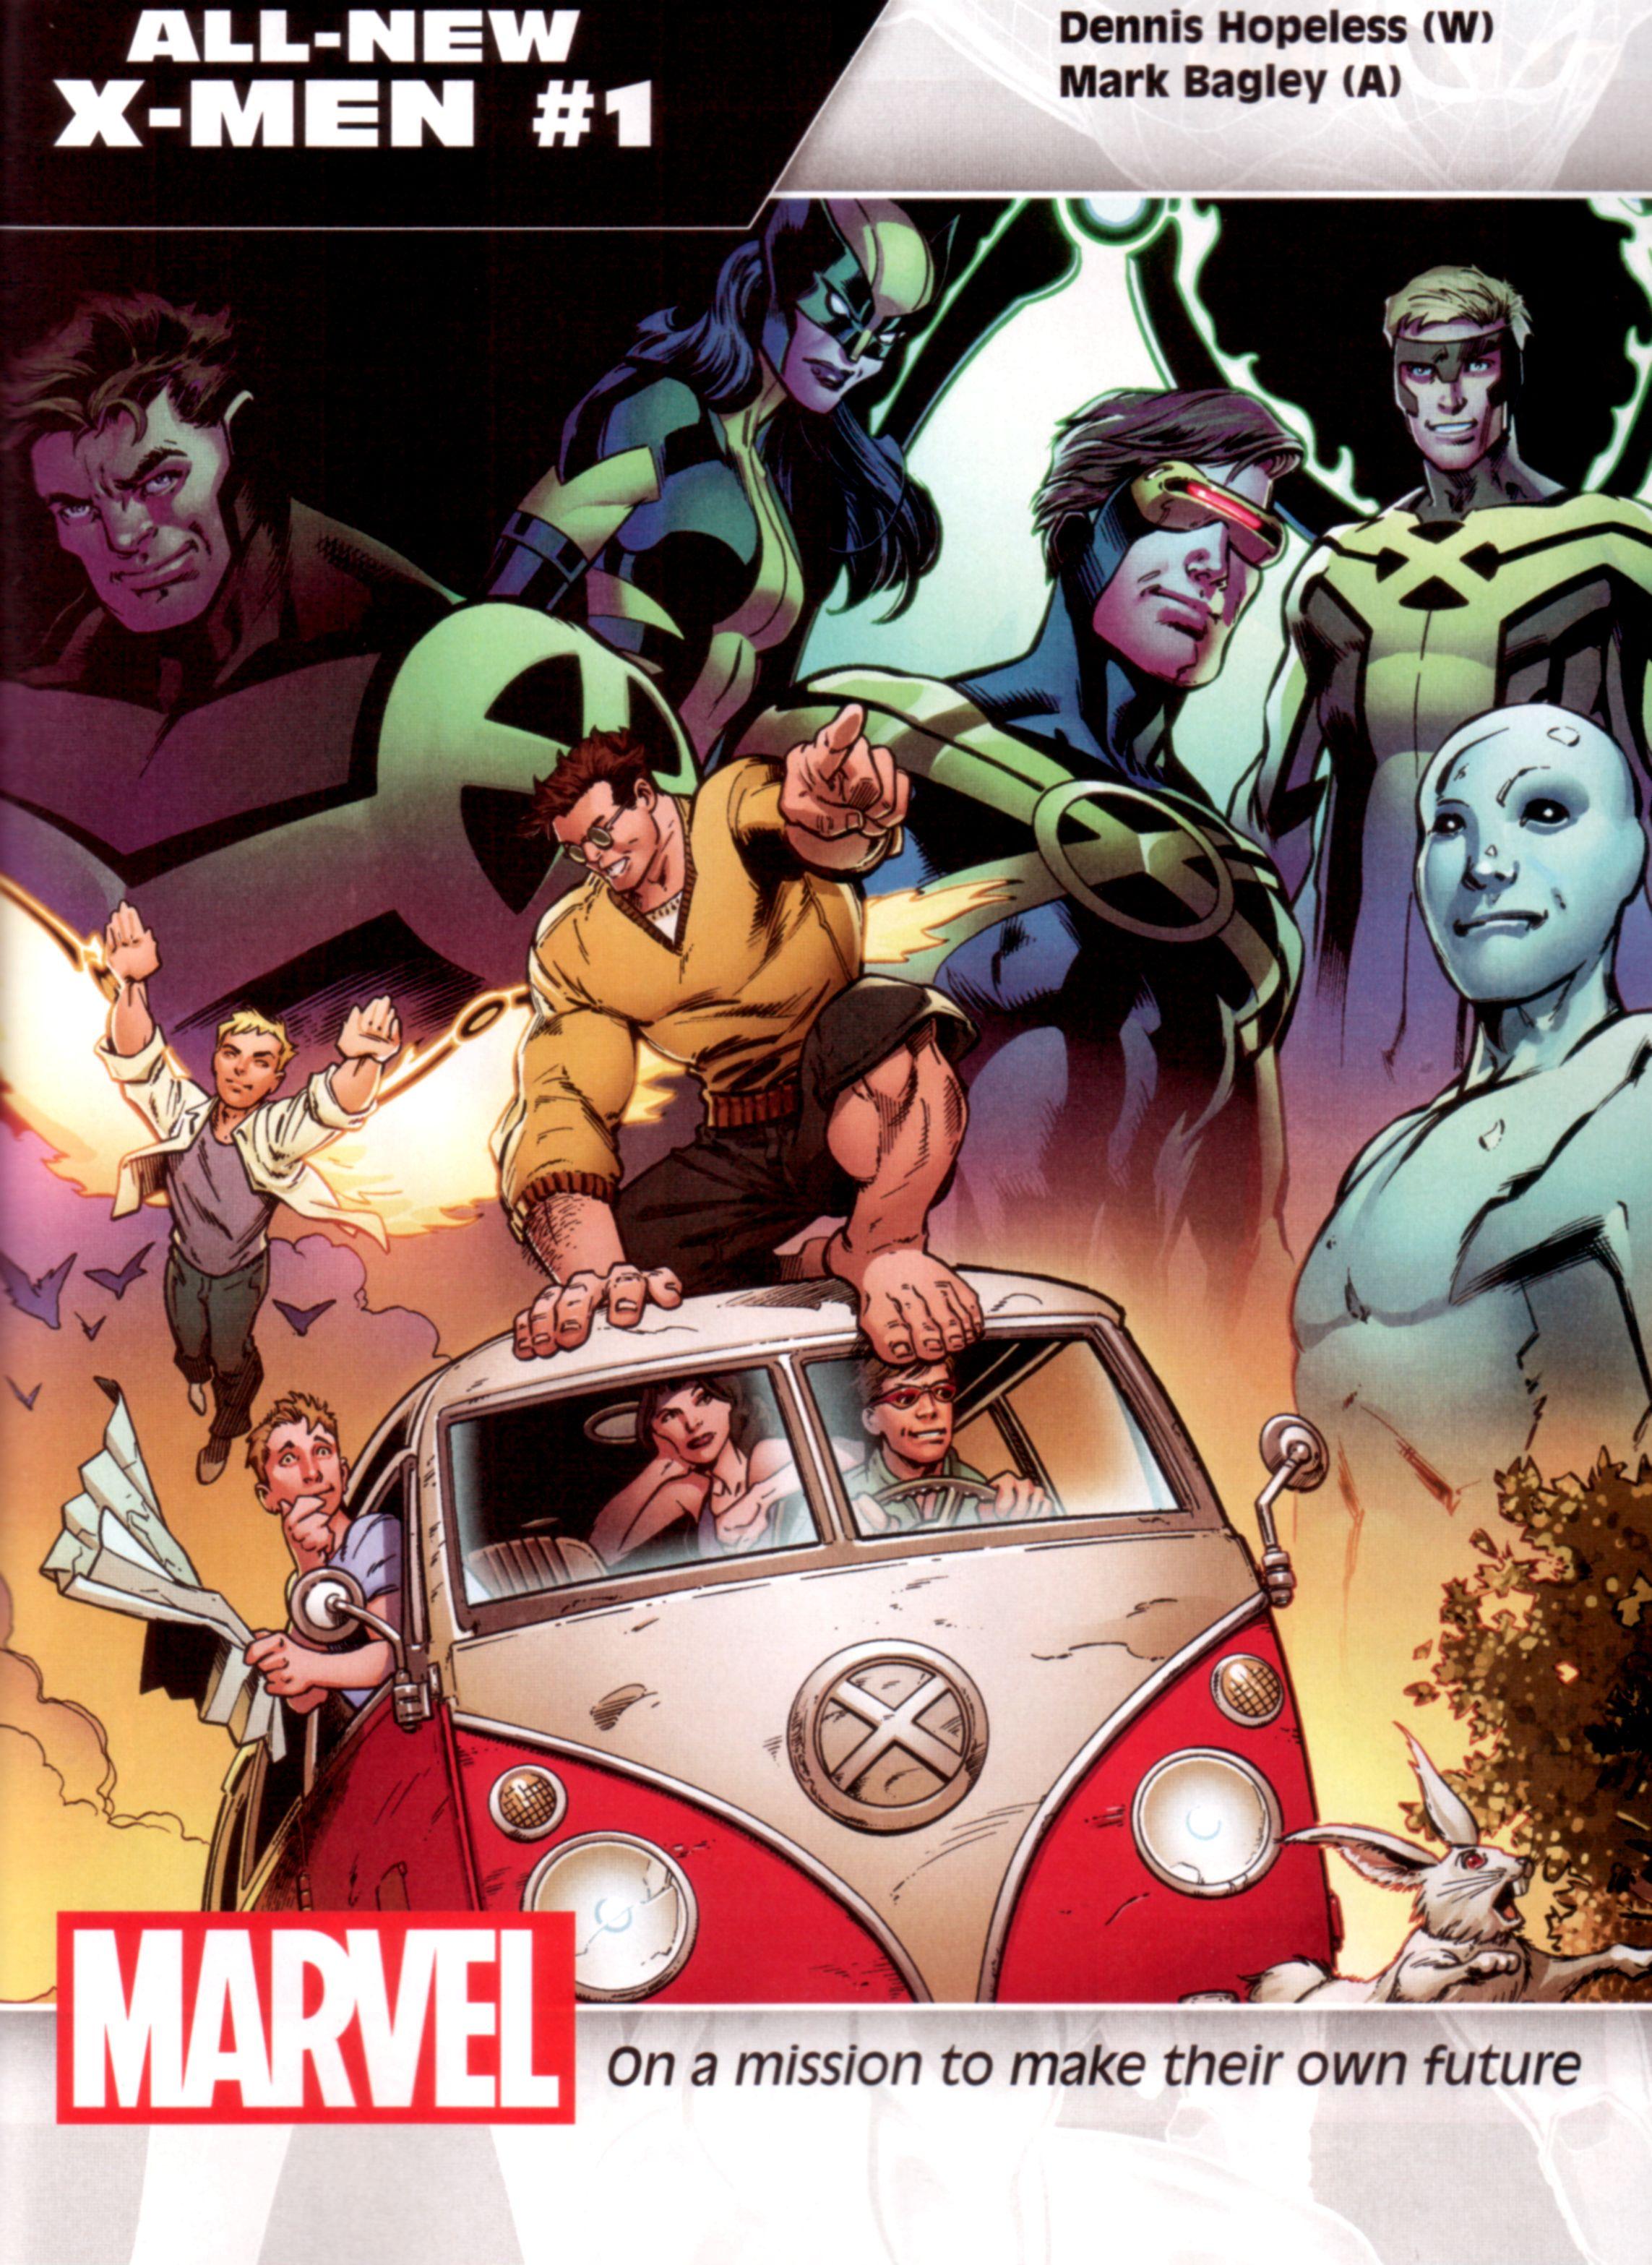 All-New-X-Men